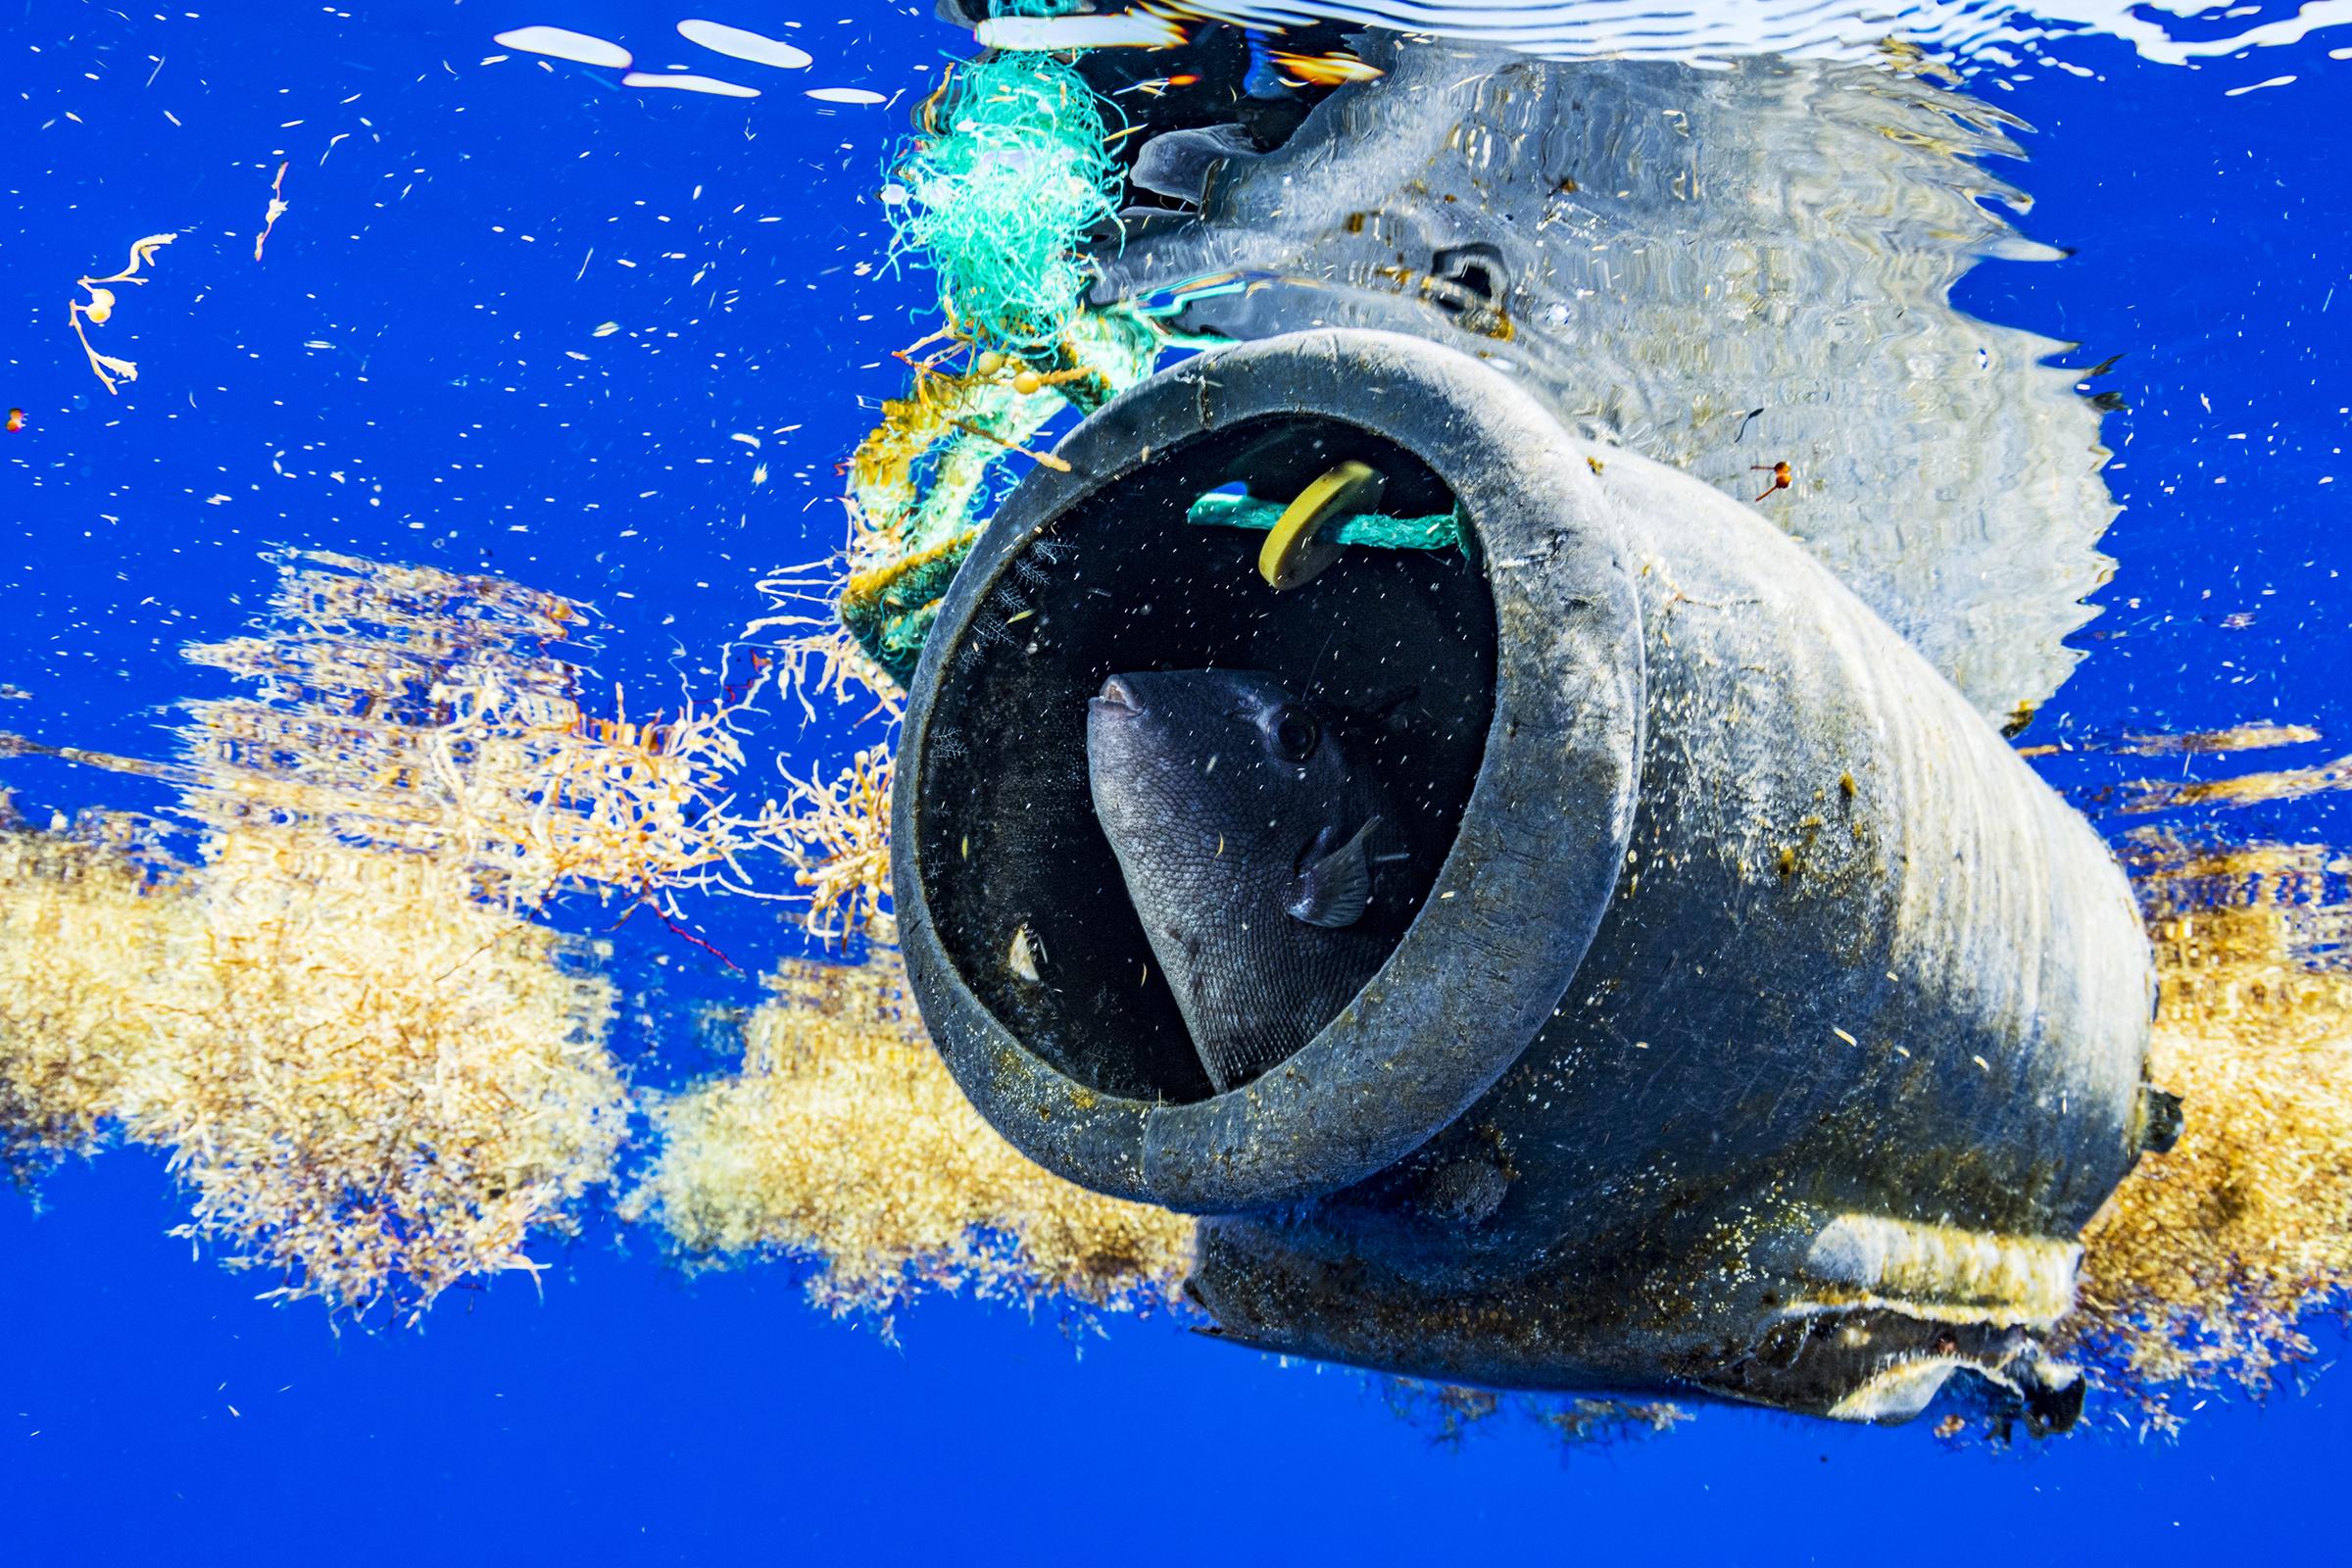 Trigger fish inside plastic debris between Sargassum in the Sargasso Sea.